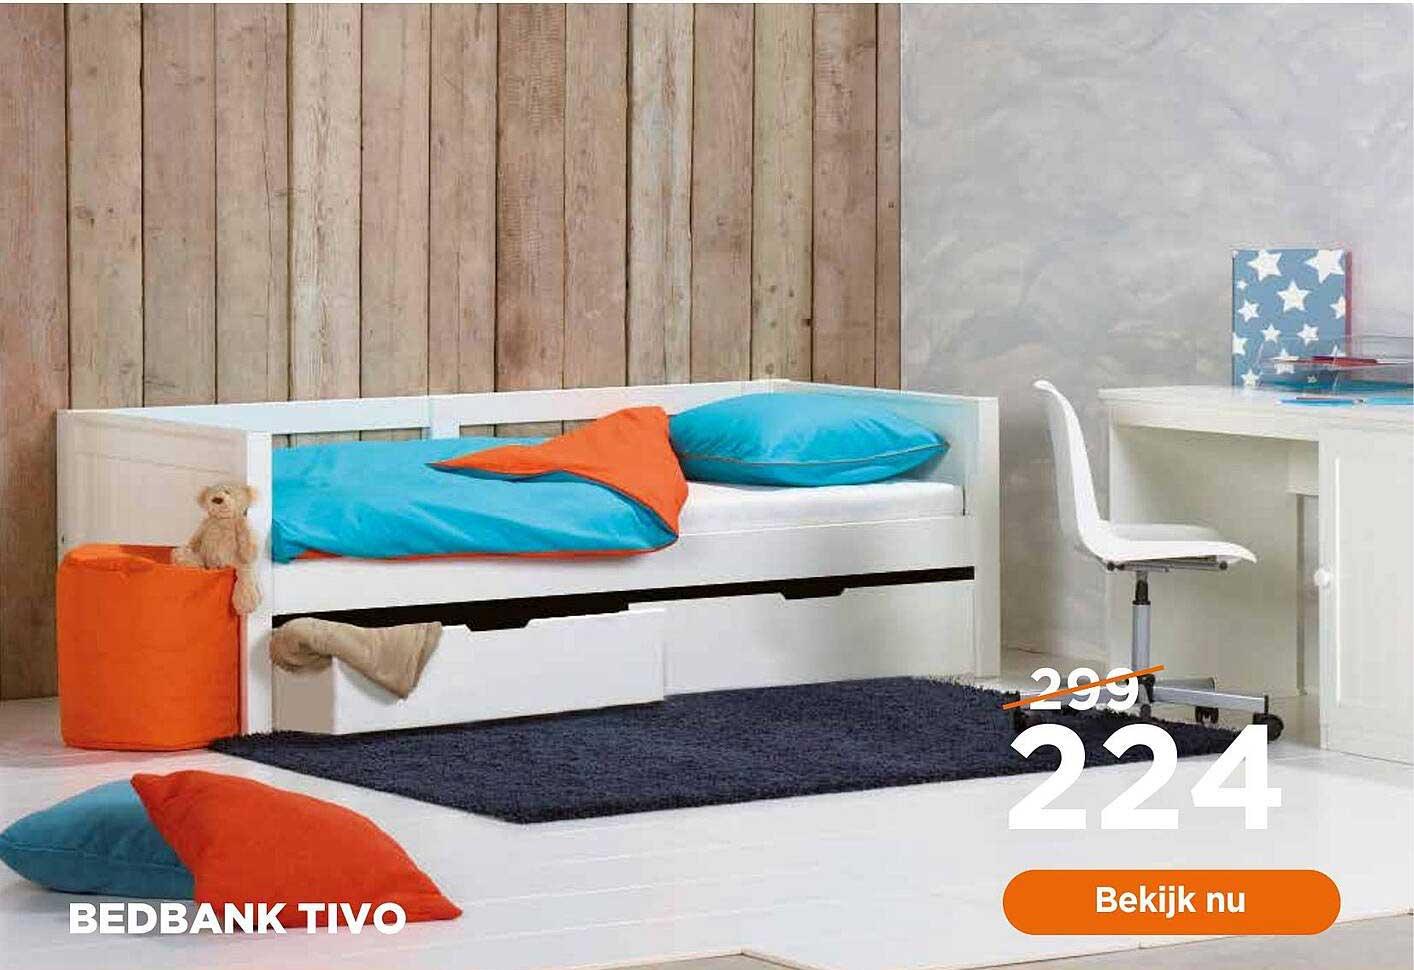 TotaalBED Bedbank Tivo